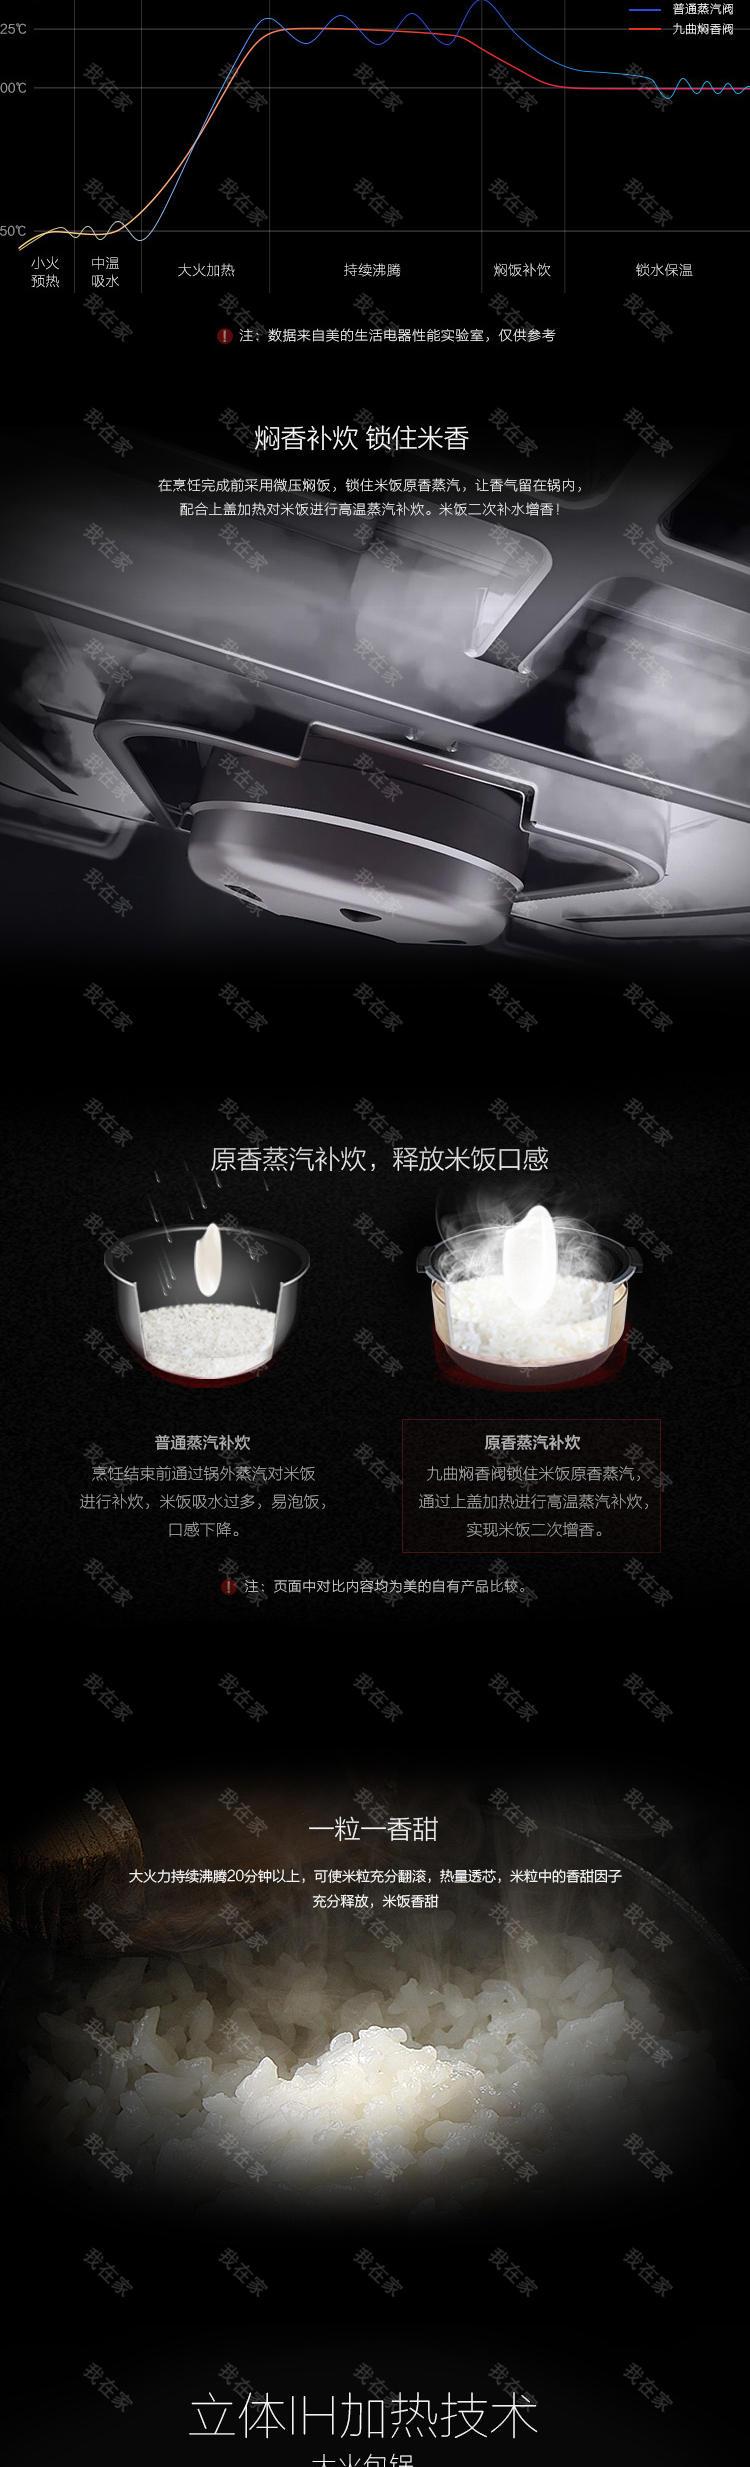 美的品牌美的九曲焖香IH电饭煲的详细介绍